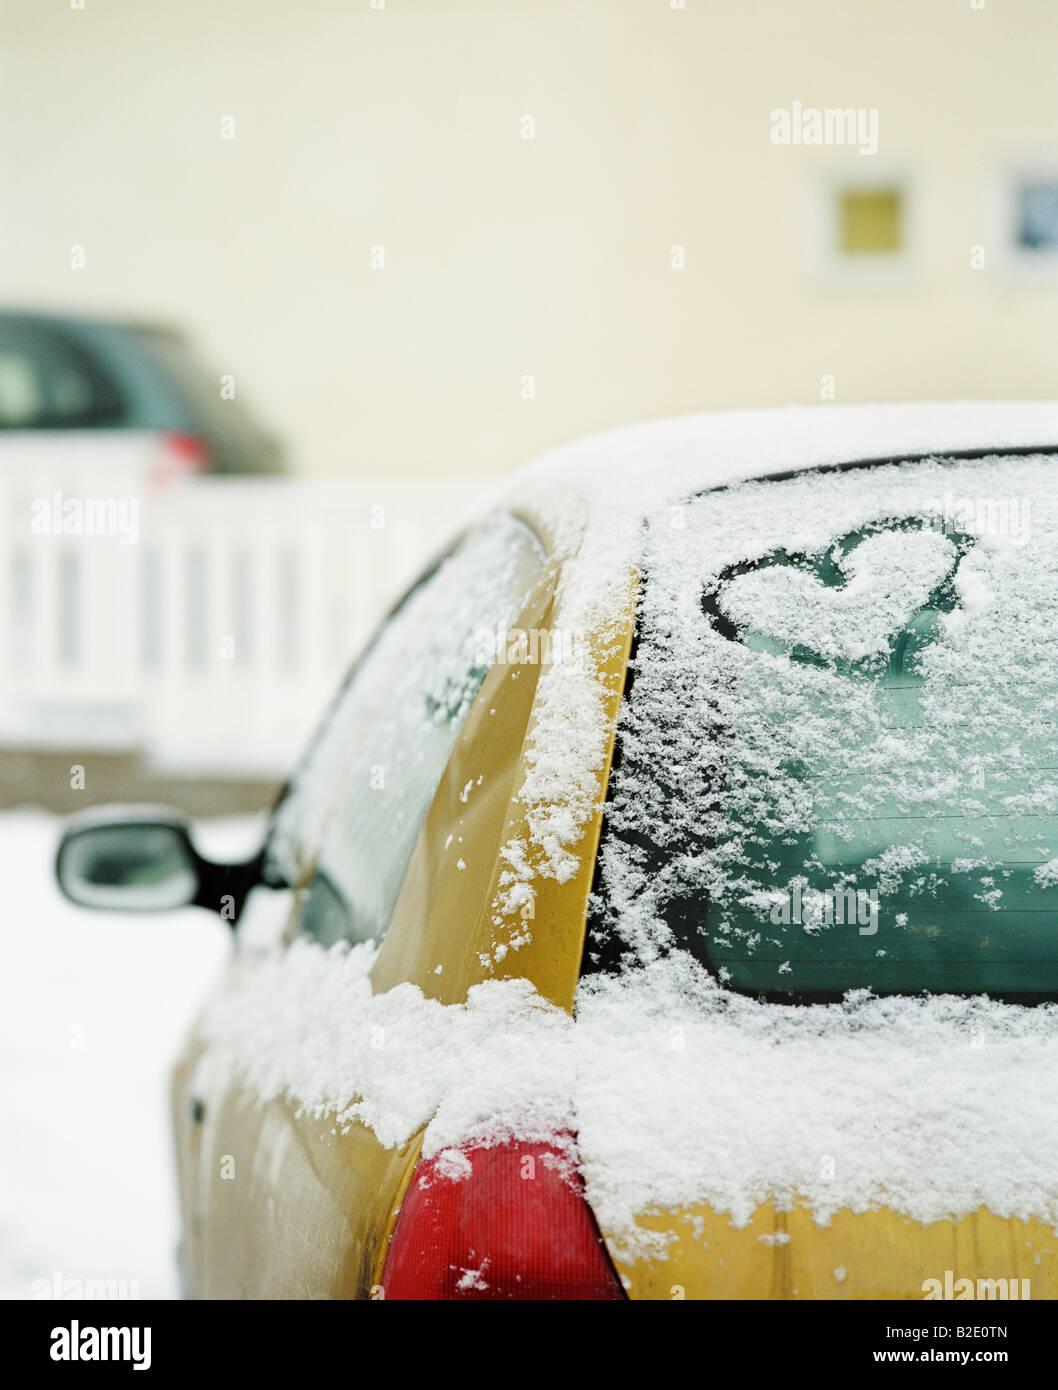 Forma di cuore scolpito su un auto Foto Stock